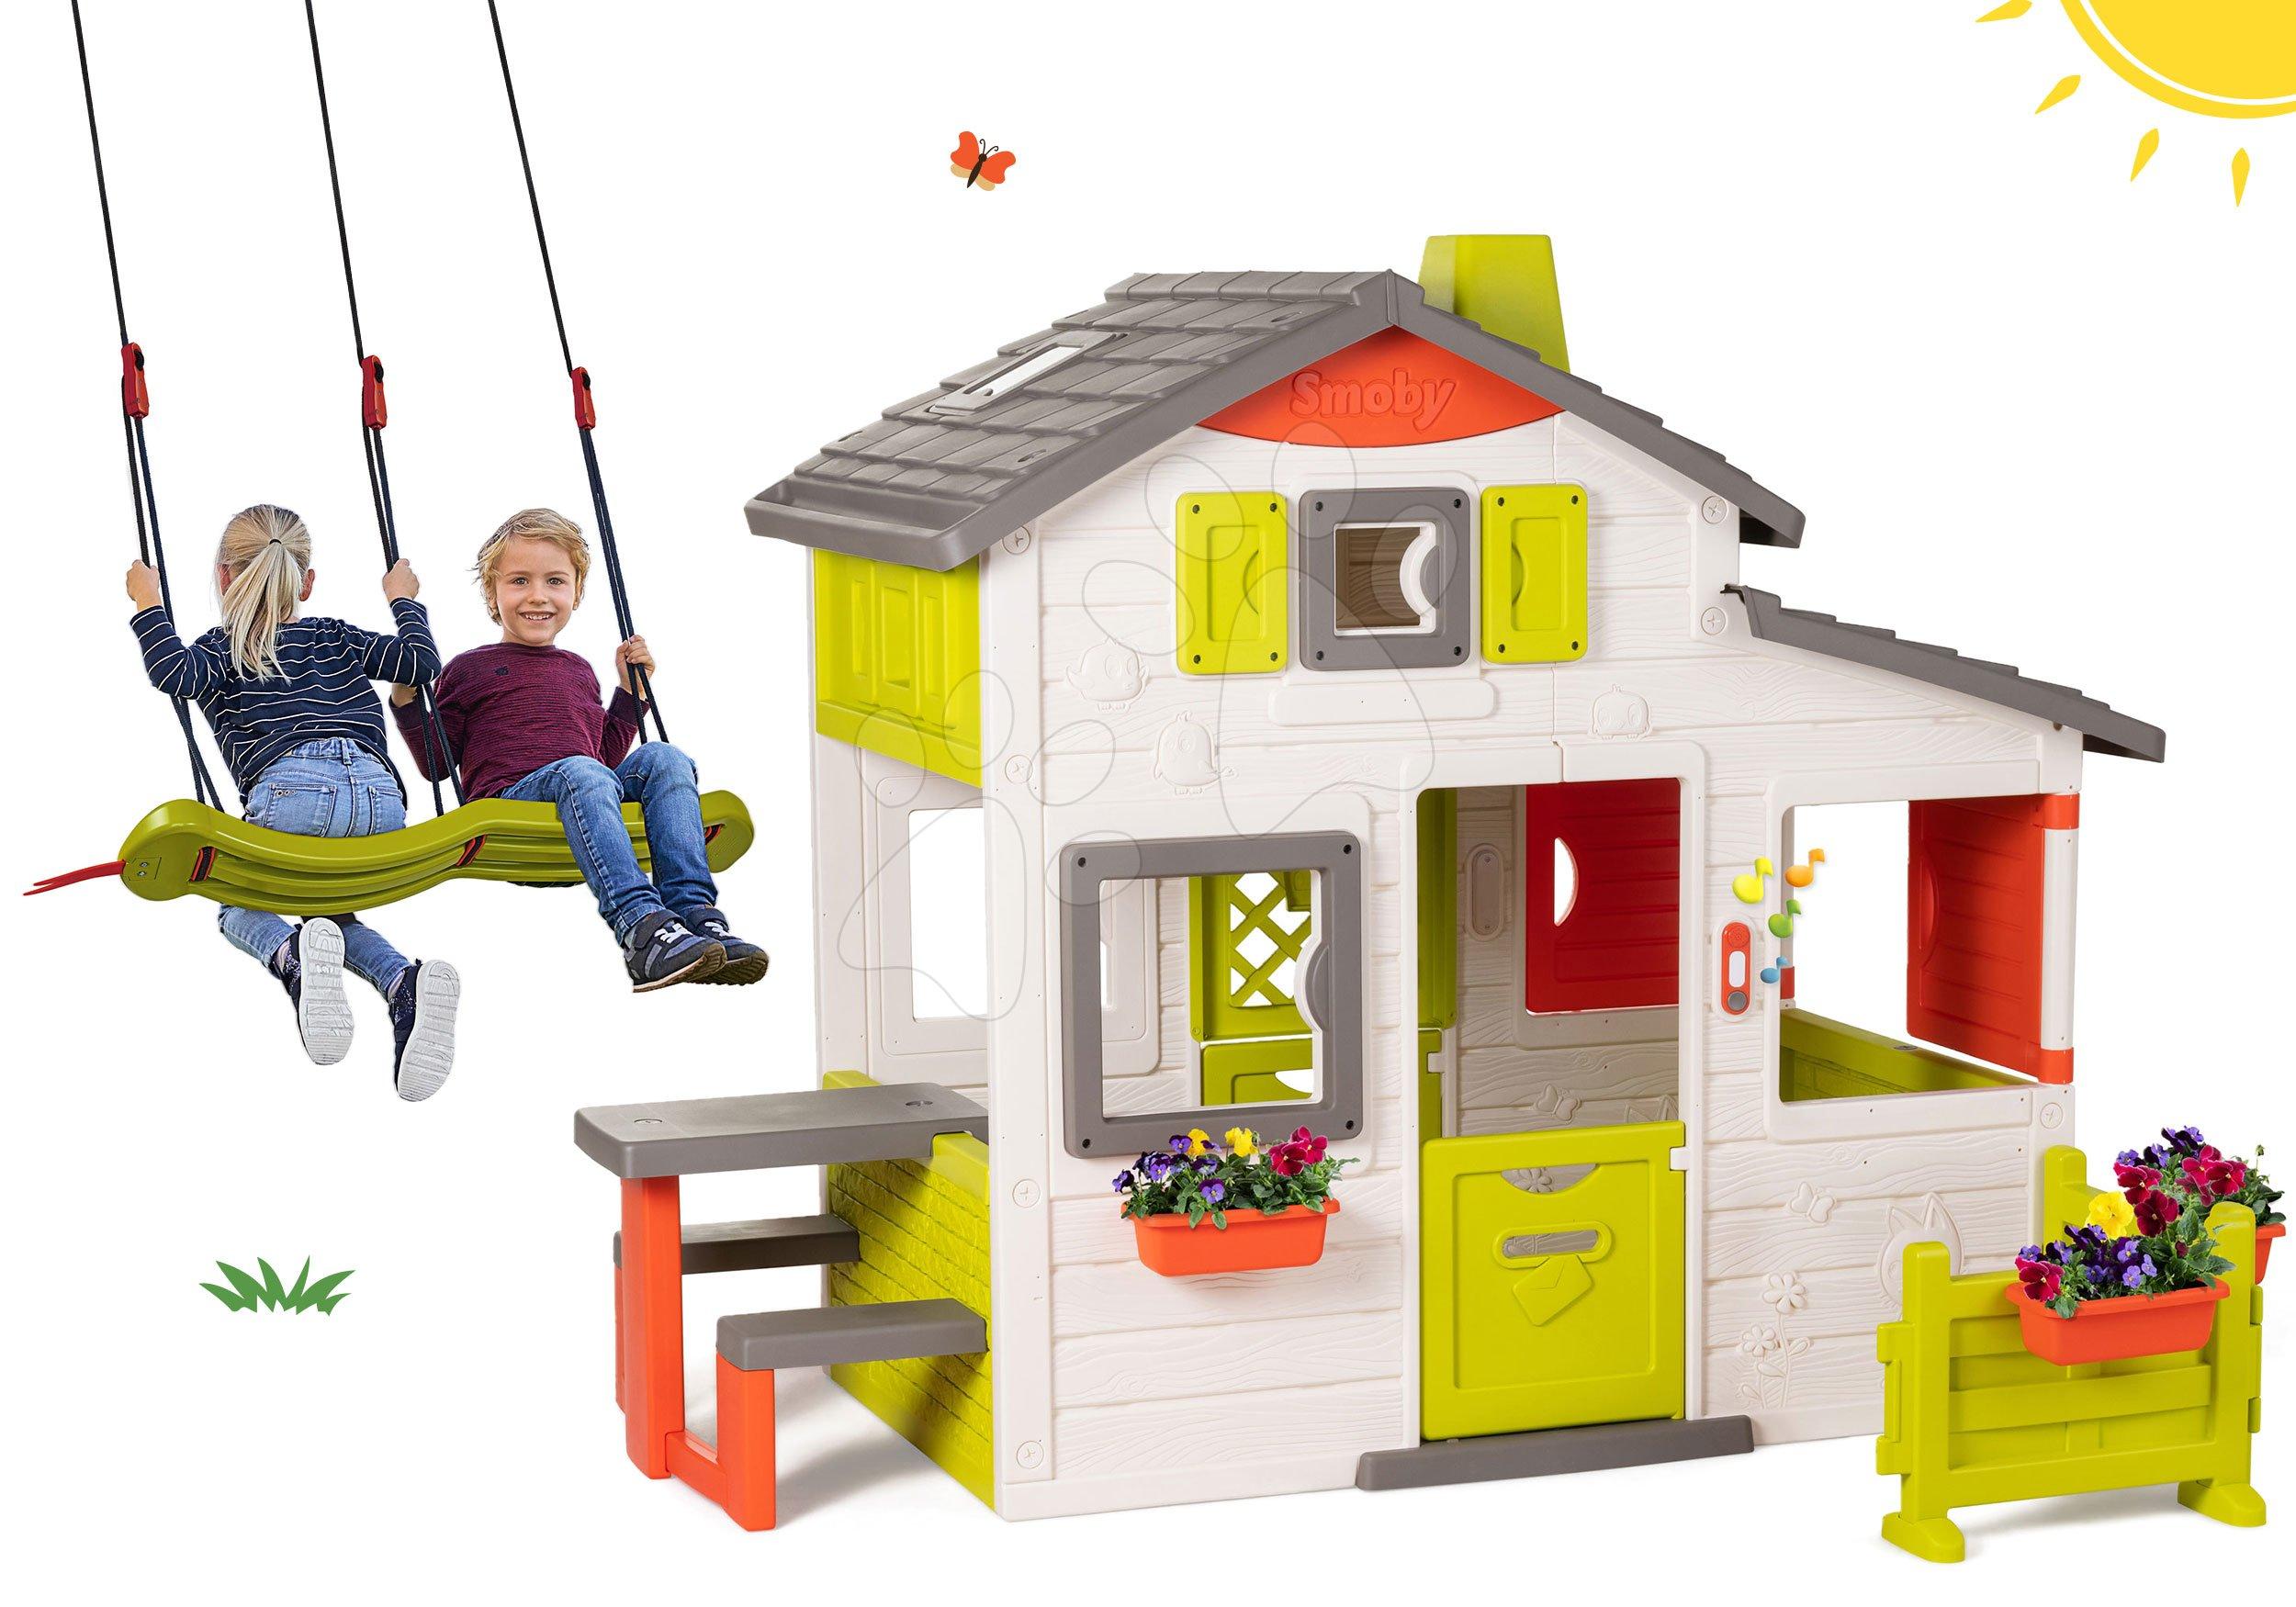 Set domček Priateľov Smoby s predzáhradkou a závesná hojdačka pre dve deti výškovo nastaviteľná